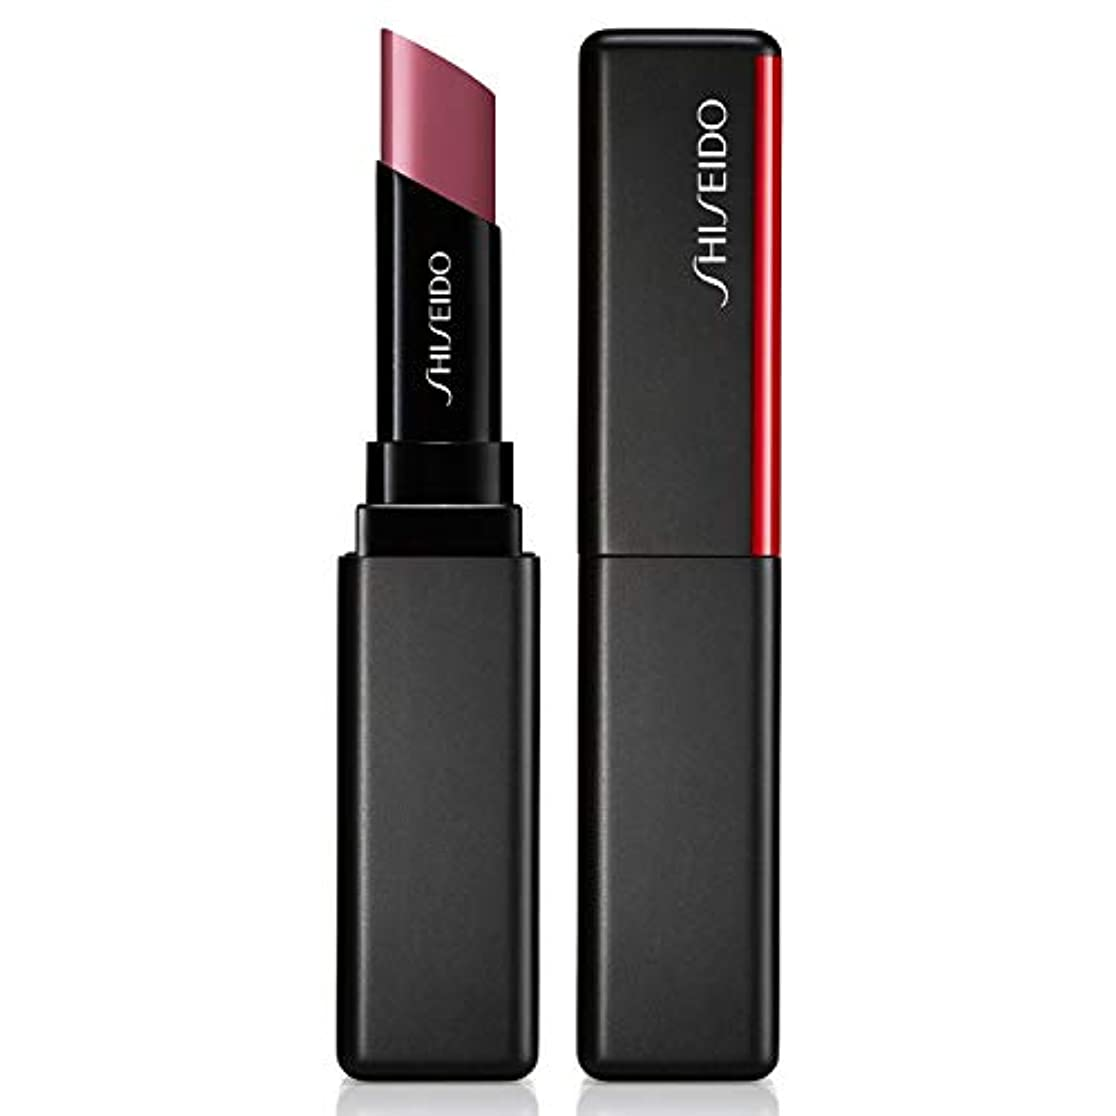 紛争群衆宇宙資生堂 VisionAiry Gel Lipstick - # 208 Streaming Mauve (Rose Plum) 1.6g/0.05oz並行輸入品